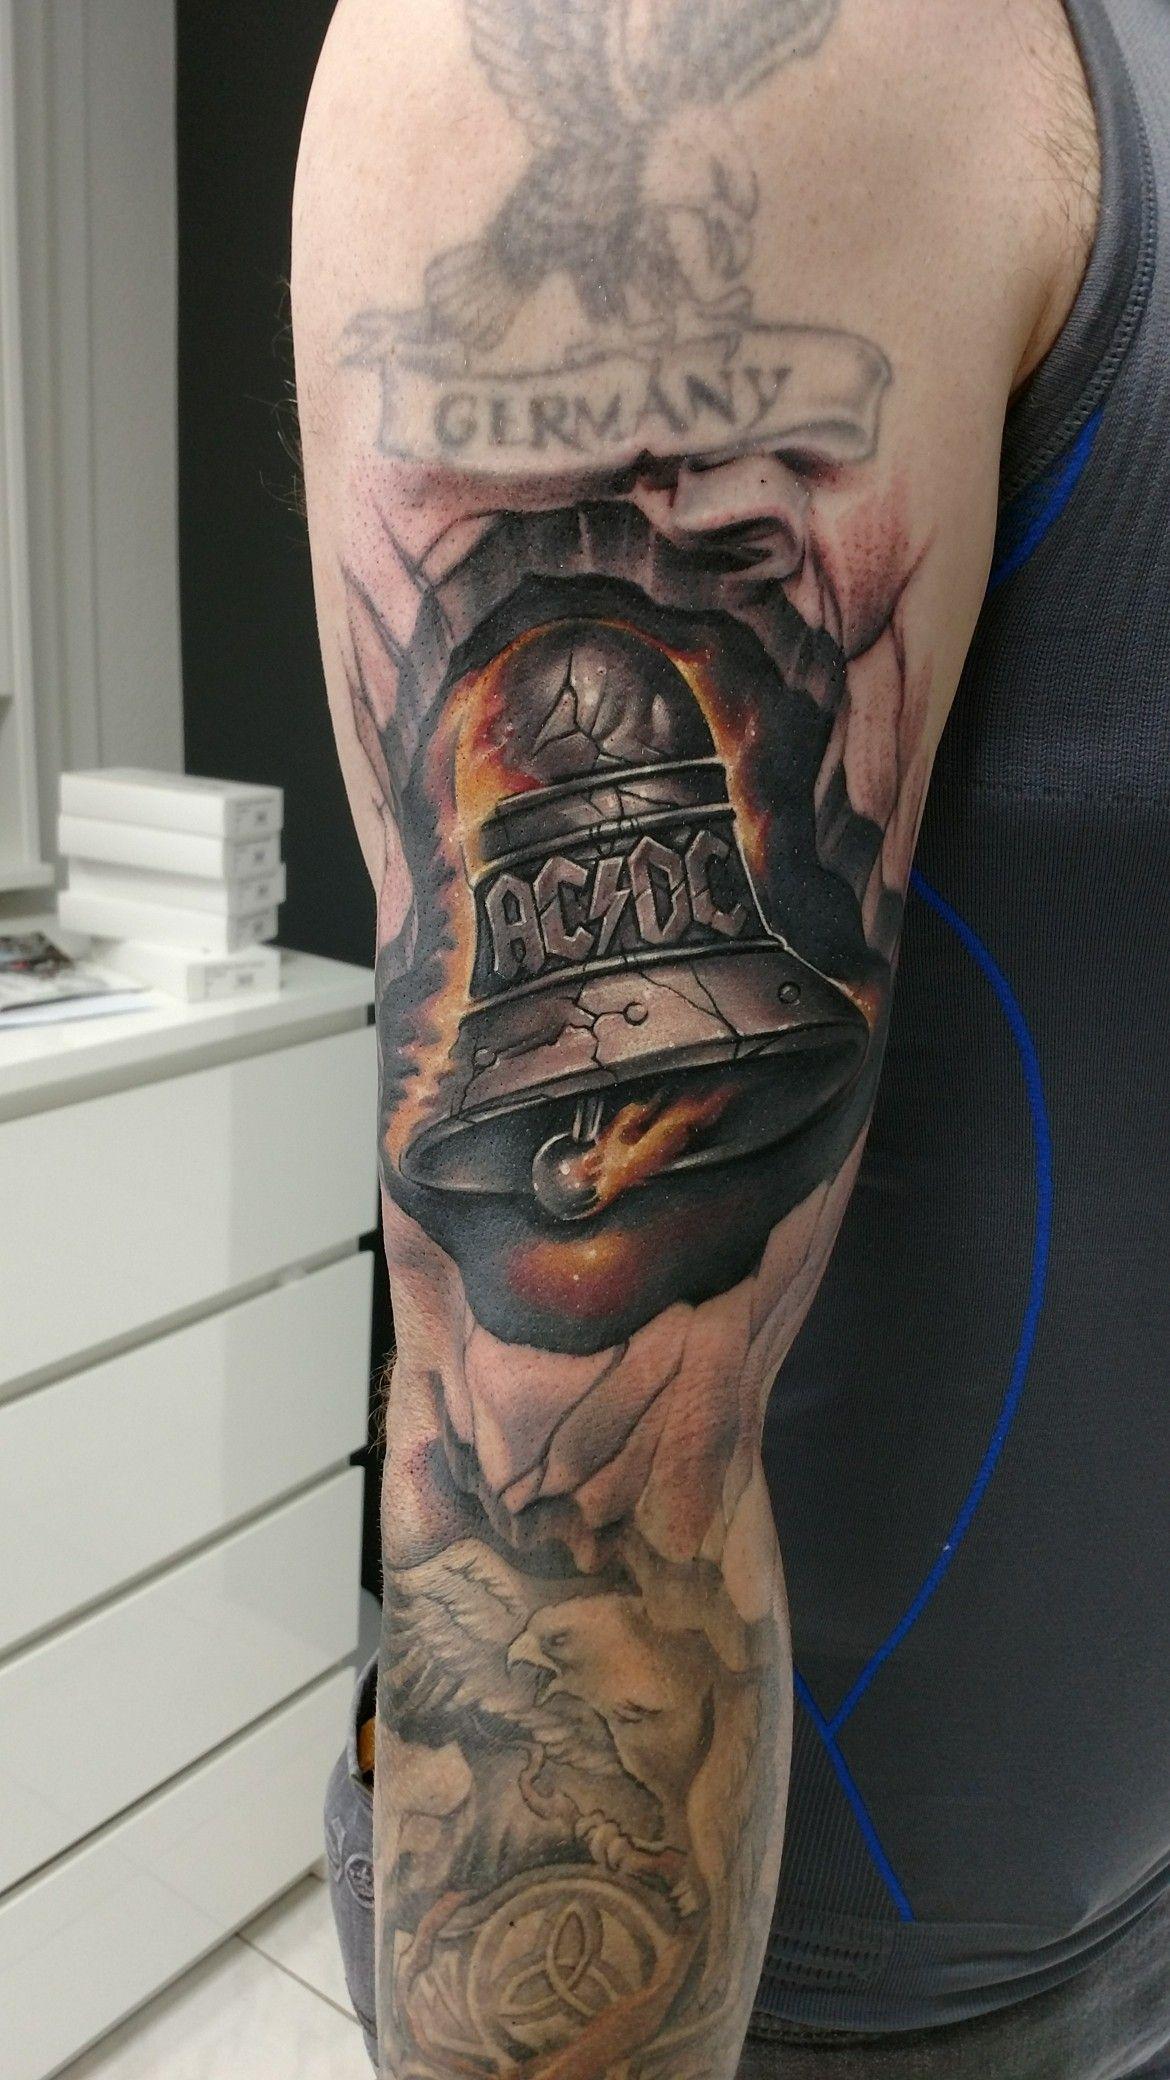 b54206ffe2 AC DC Tattoo Hells Bells Hard Rock